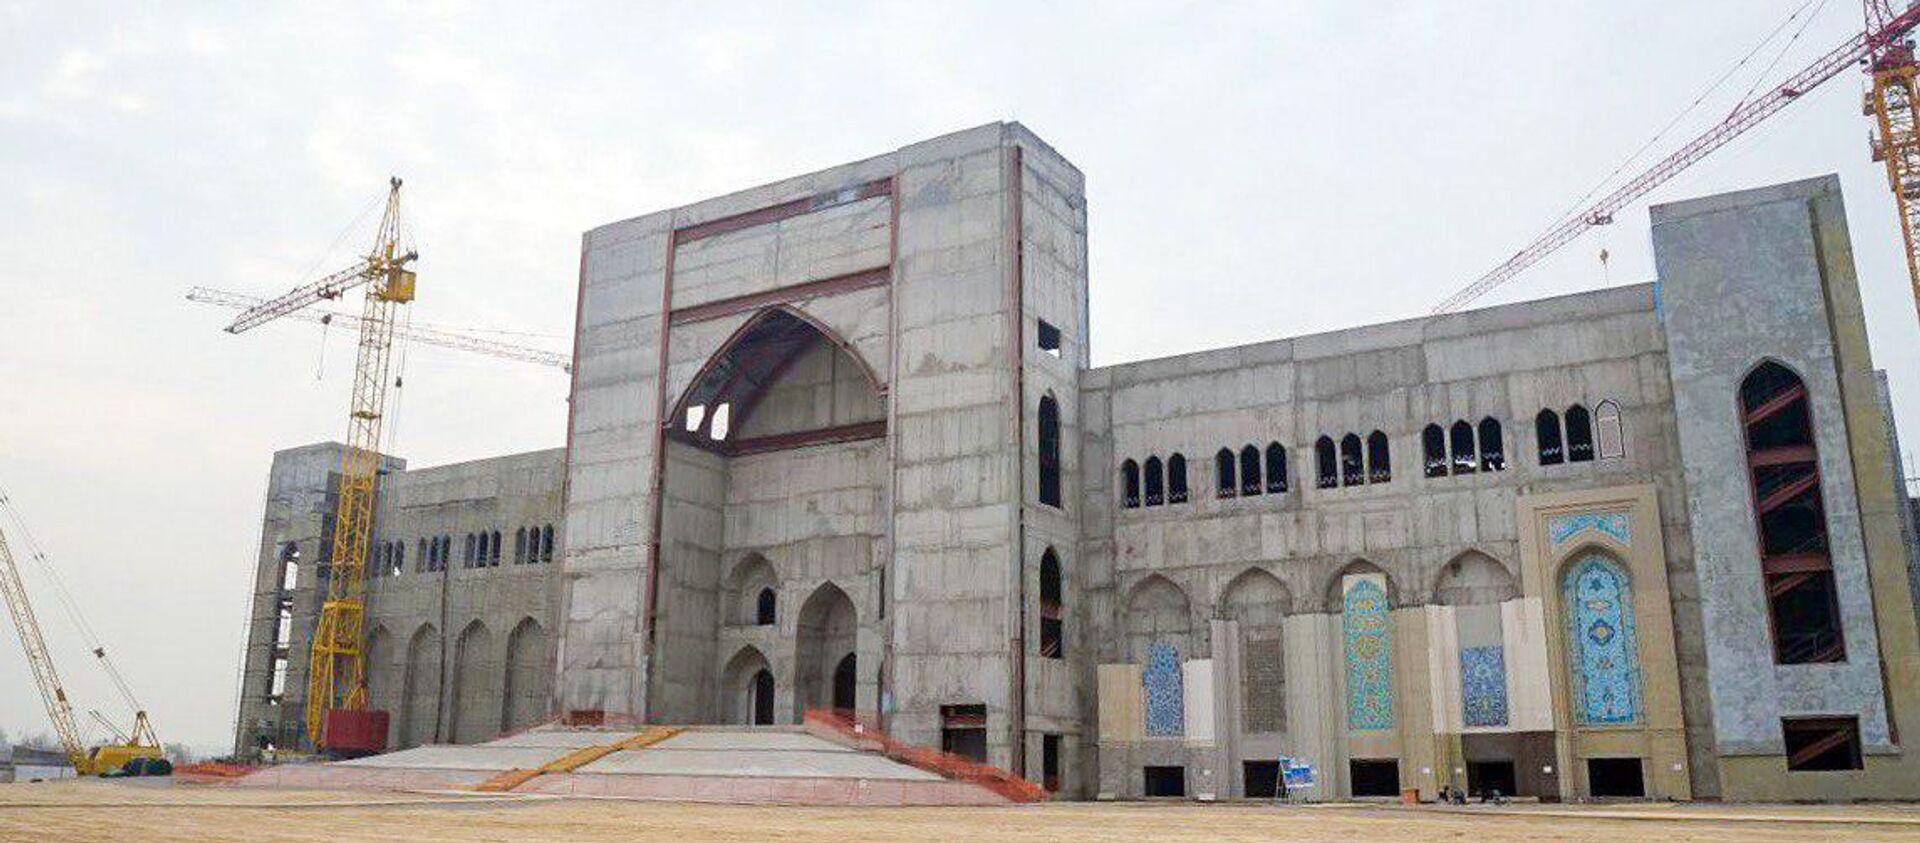 Строительство Центра исламской цивилизации - Sputnik Узбекистан, 1920, 13.08.2020